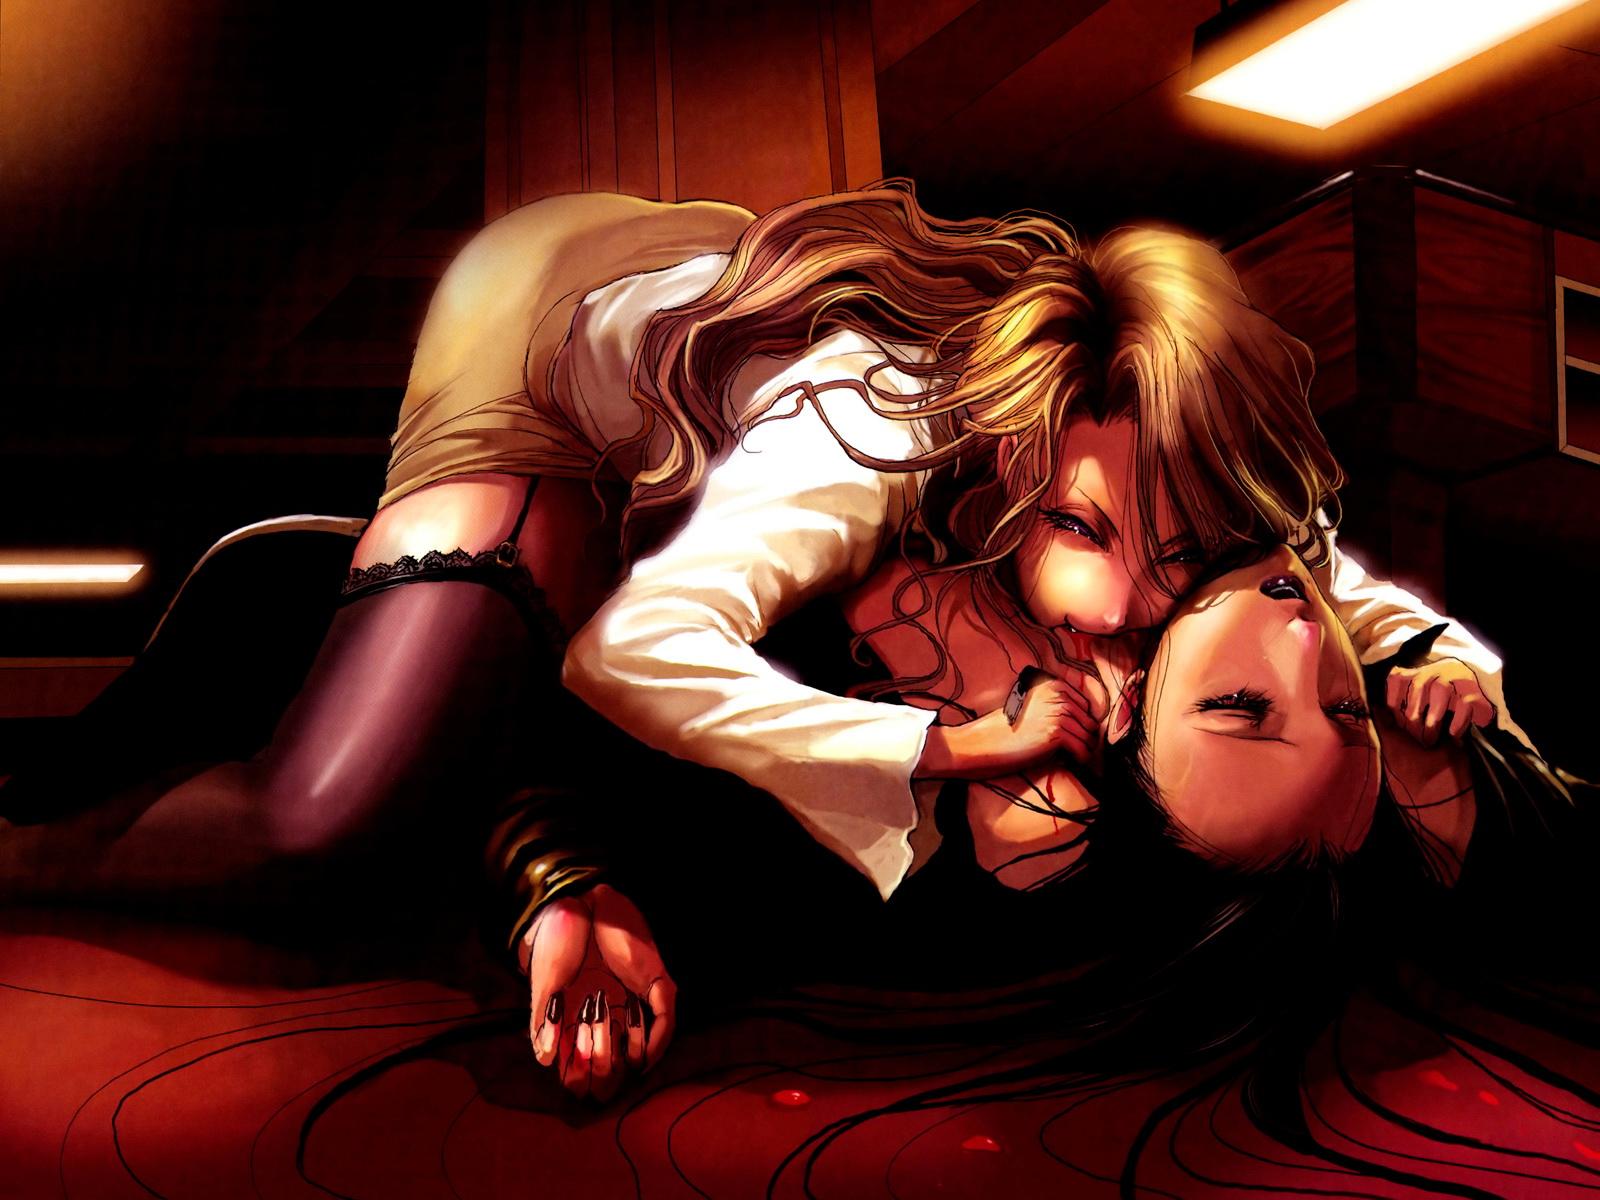 La taverne de la non-vie - Page 2 Vampire_girl_anime_wallpaper